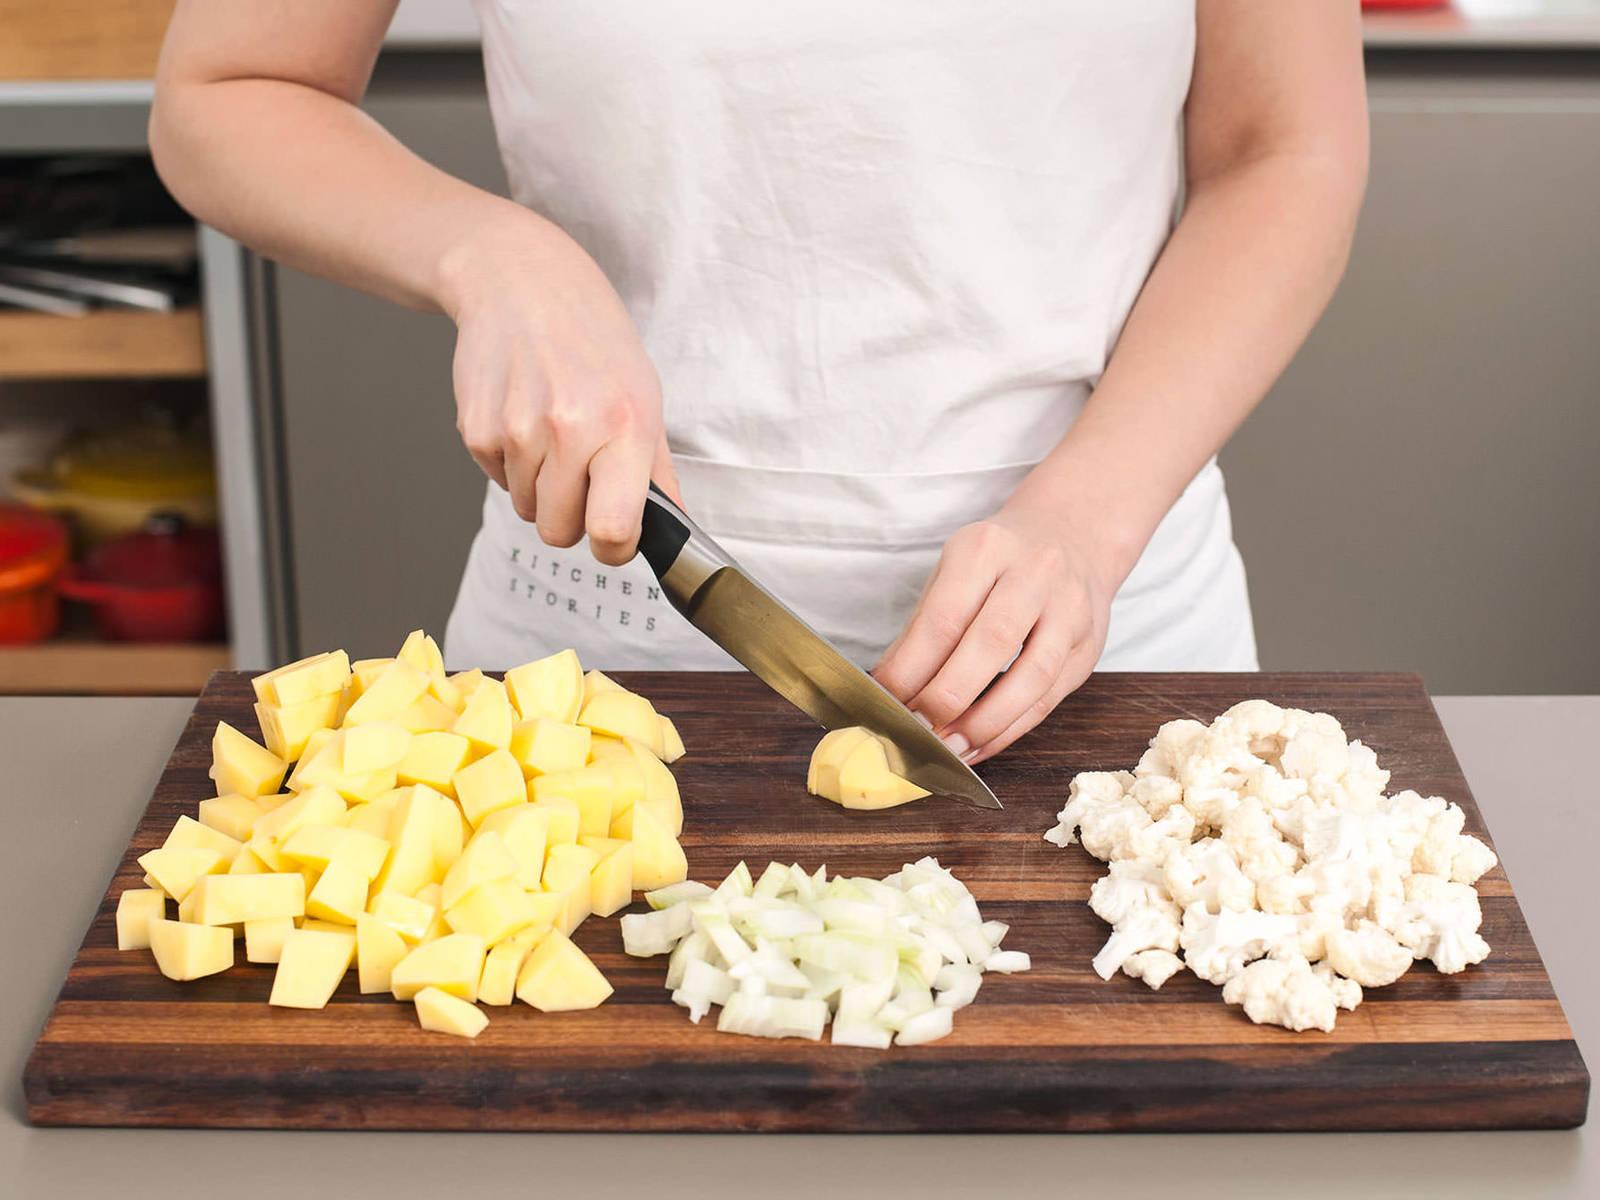 土豆削皮,切成2厘米的小块。洋葱剁碎,从花椰菜底部将其切成小花状。培根条切半。